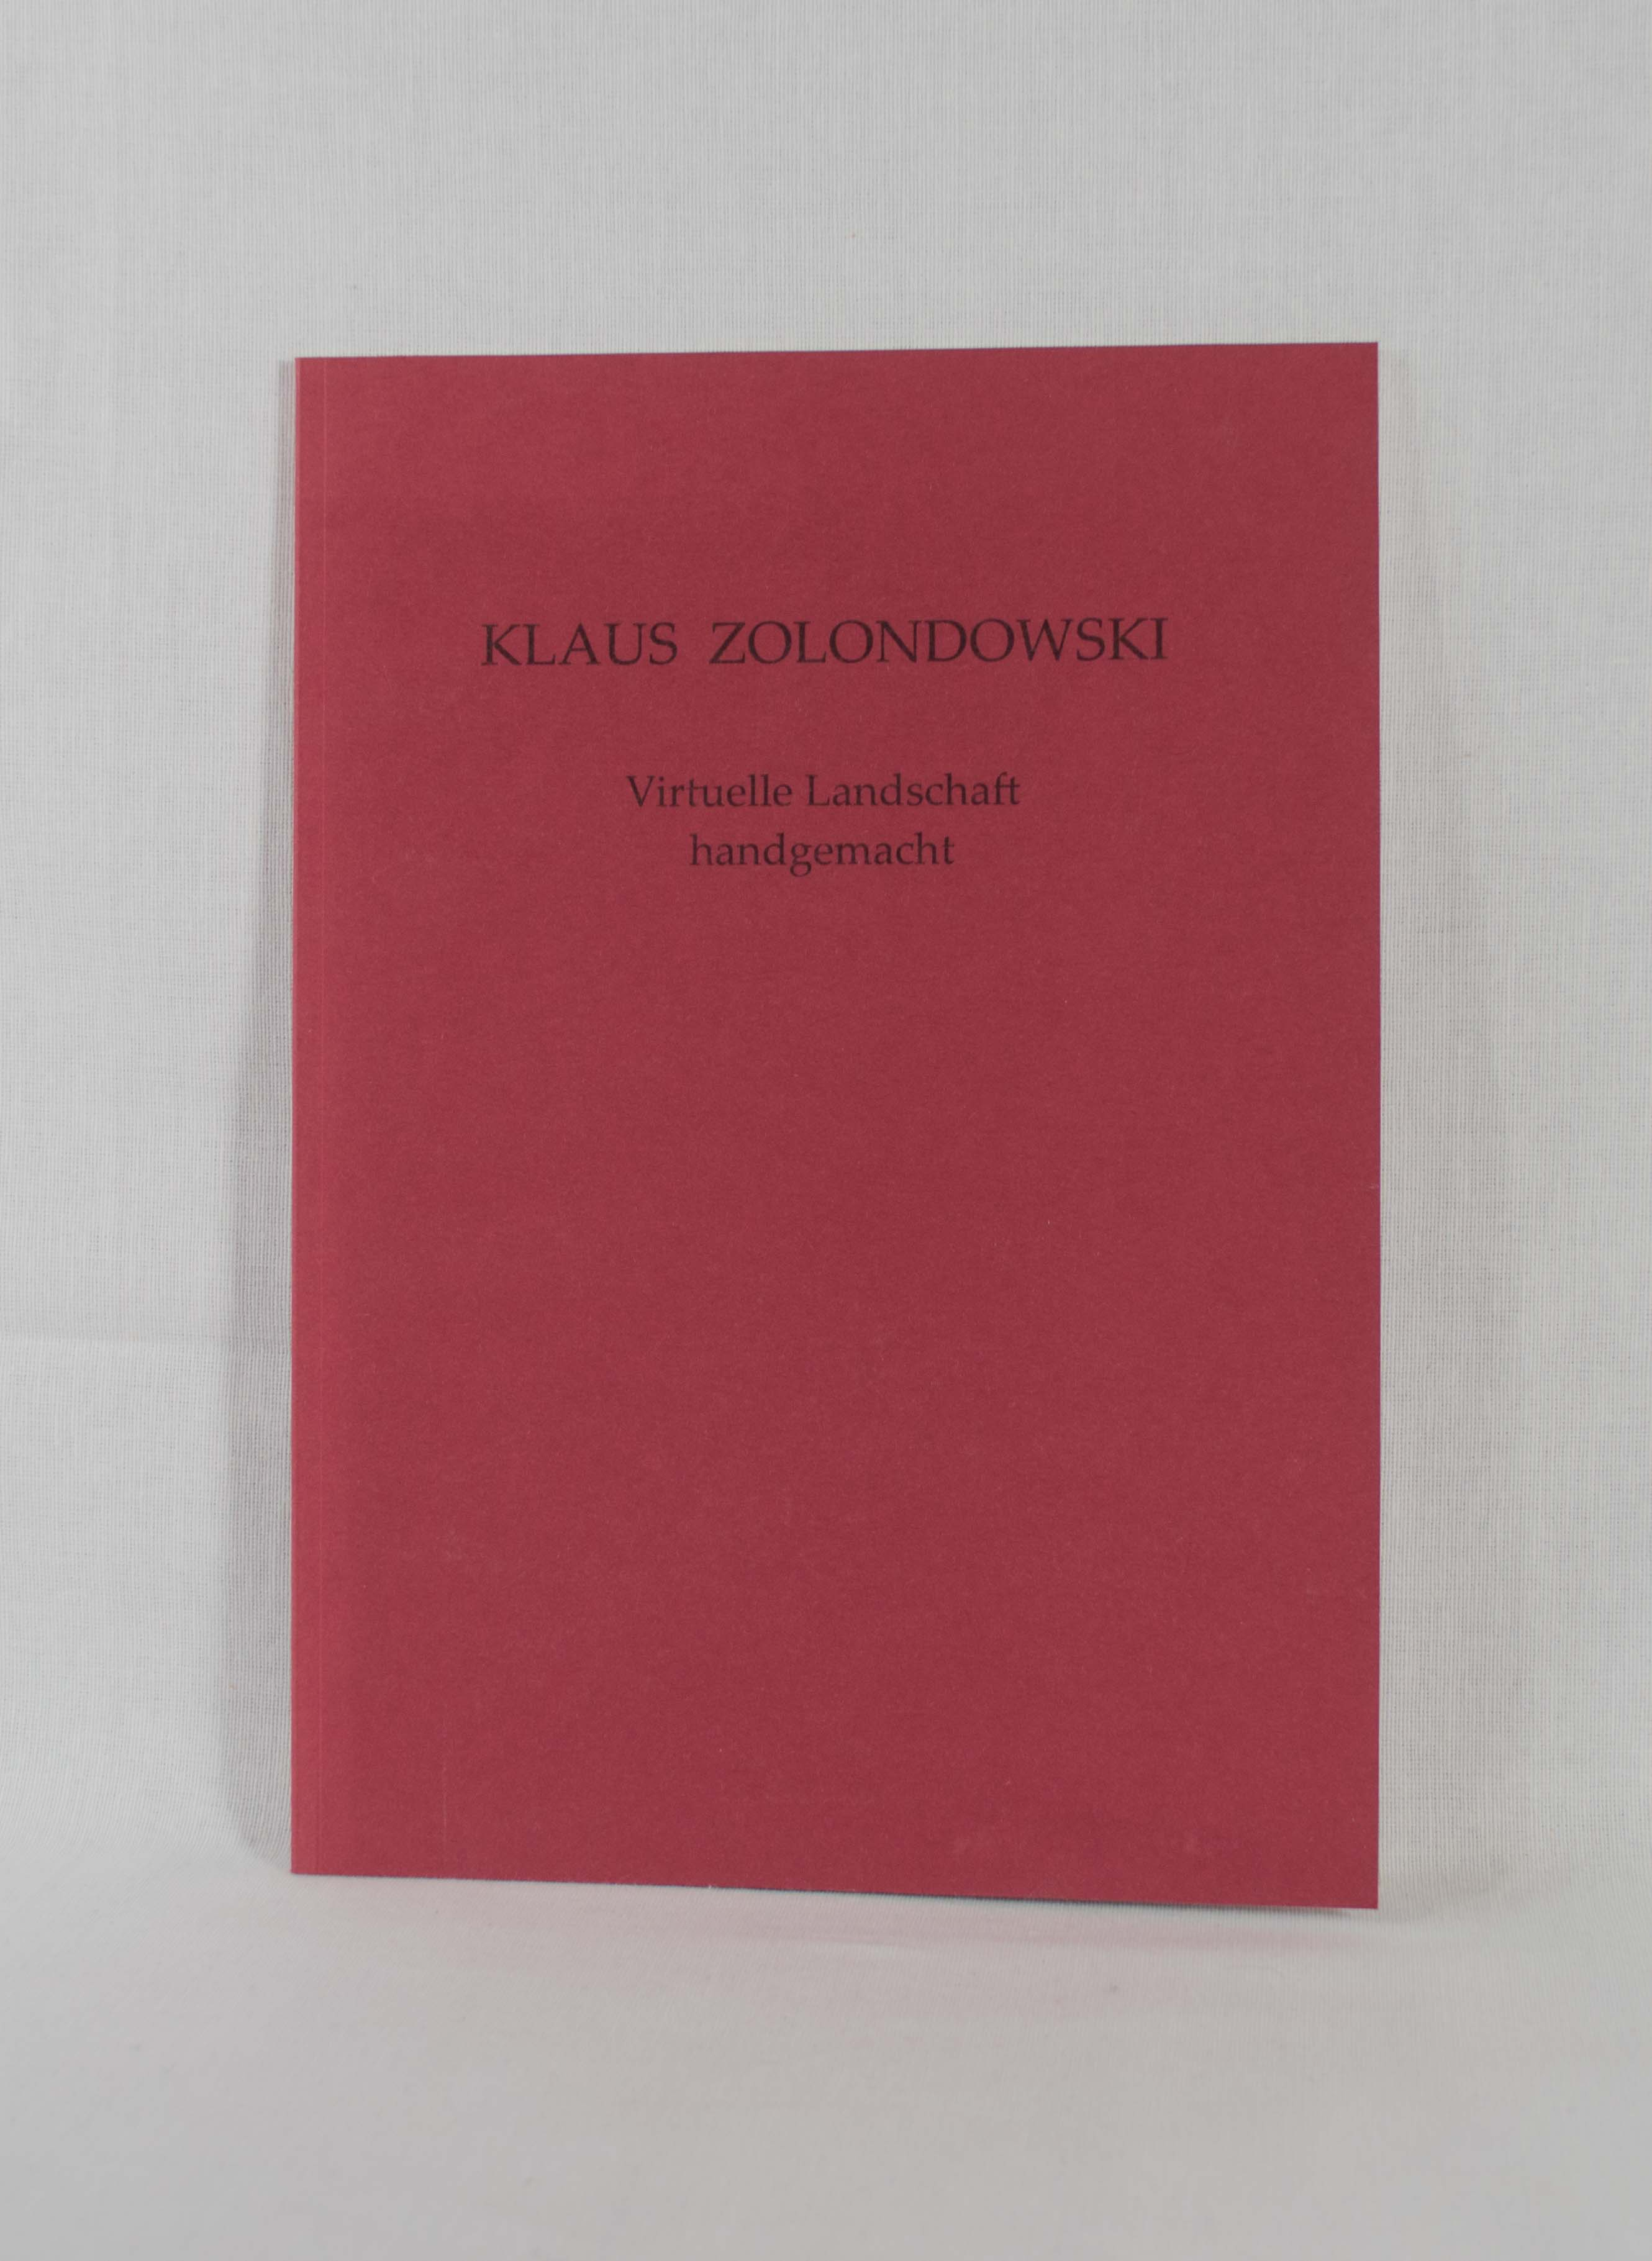 Klaus Zolondowski: Virtuelle Landschaft handgemacht (Katalog zur Ausstellung in der Galerie ICON Berlin vom 1.10. - 5.11.2005).